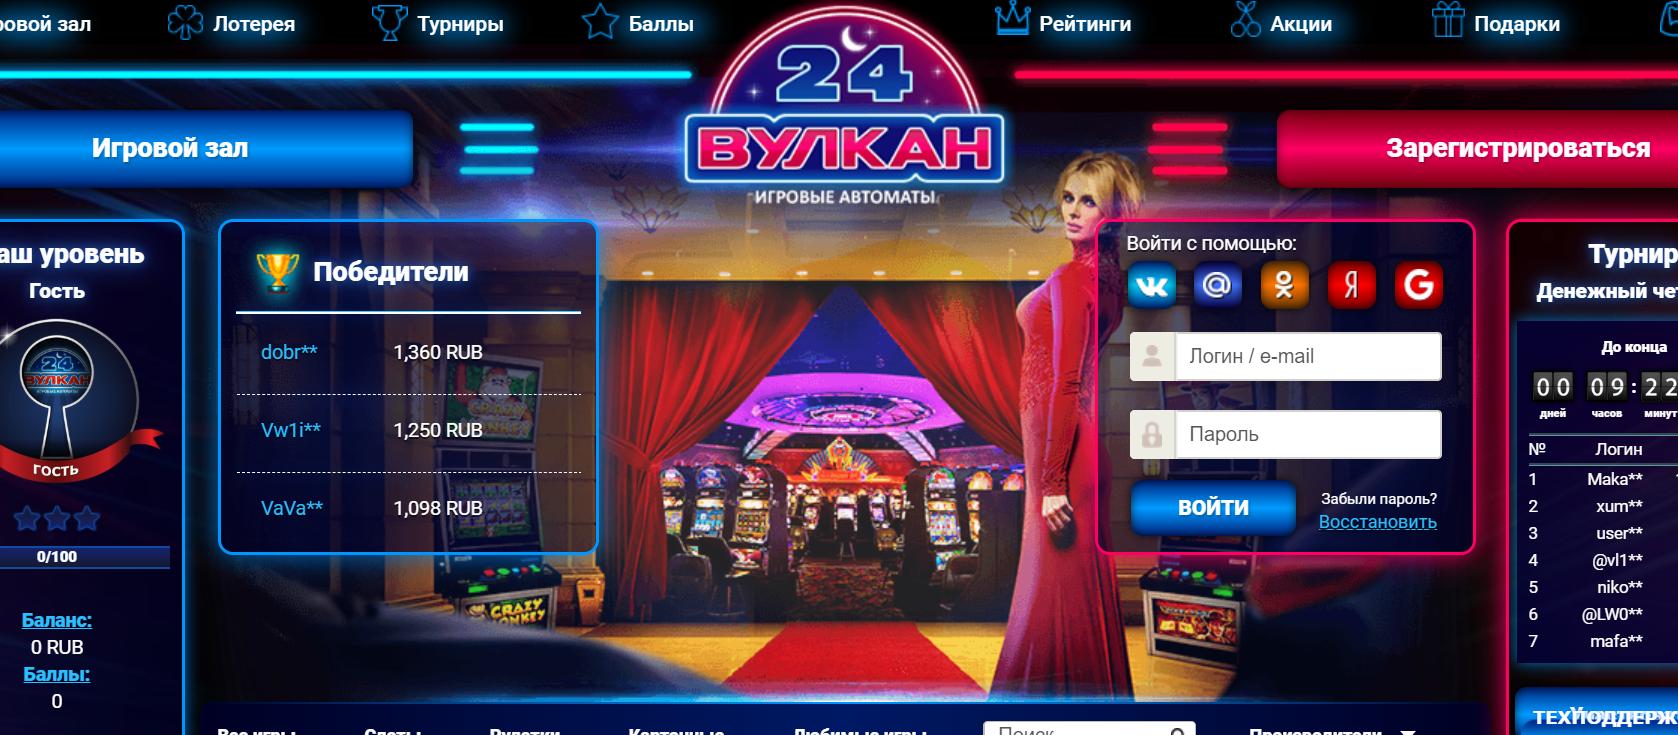 Виртуальный мир игры в клубе  Вулкан 24